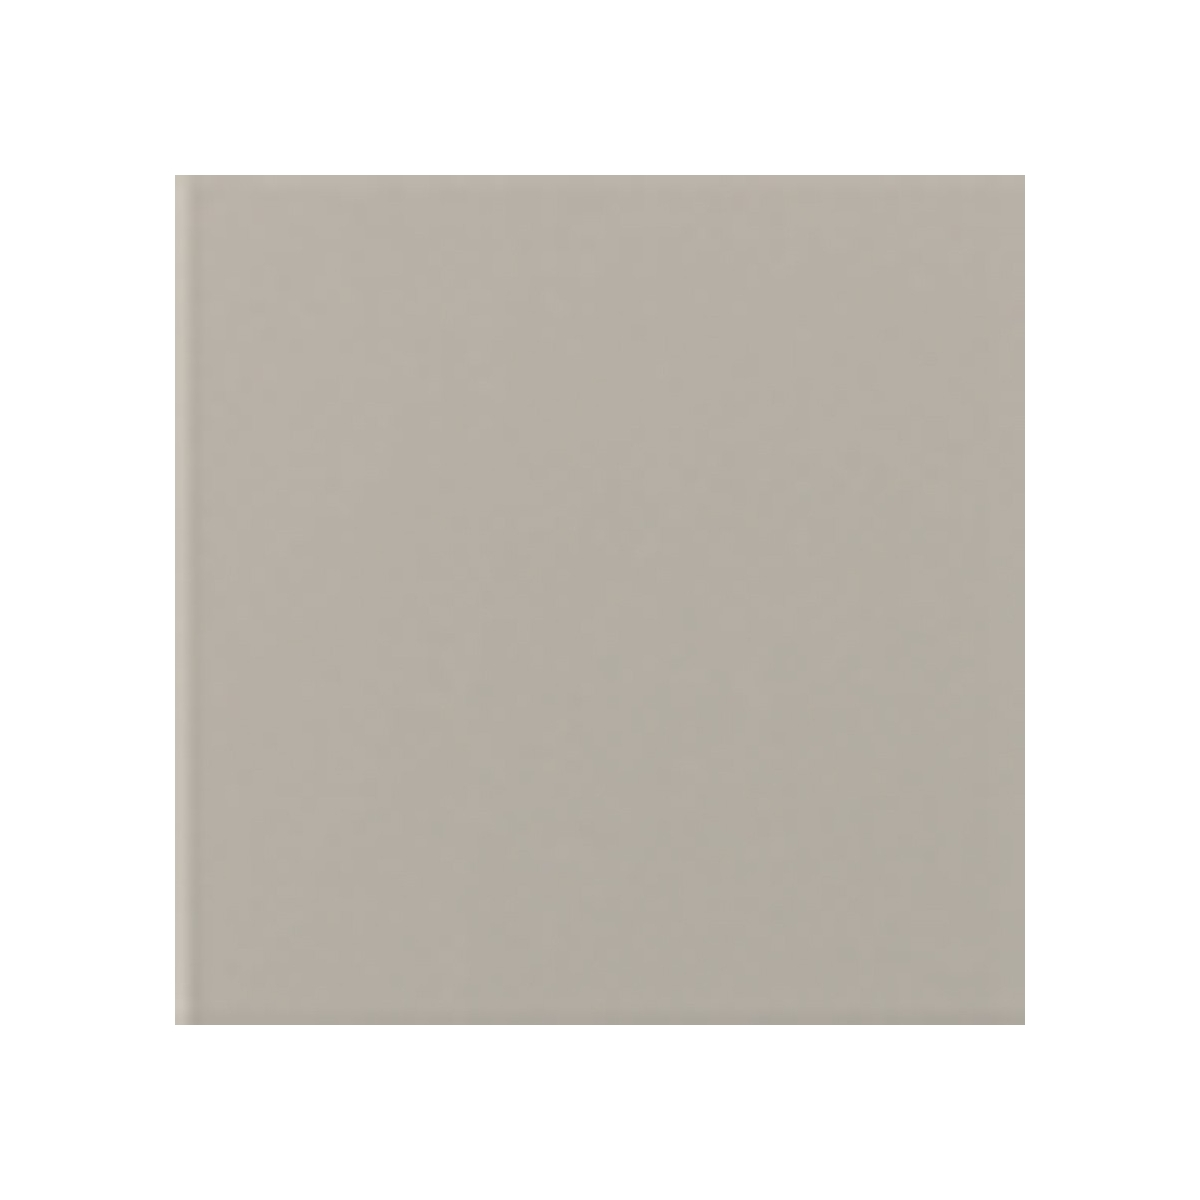 Color gris mate - Colección Colores Mate - Marca Mainzu